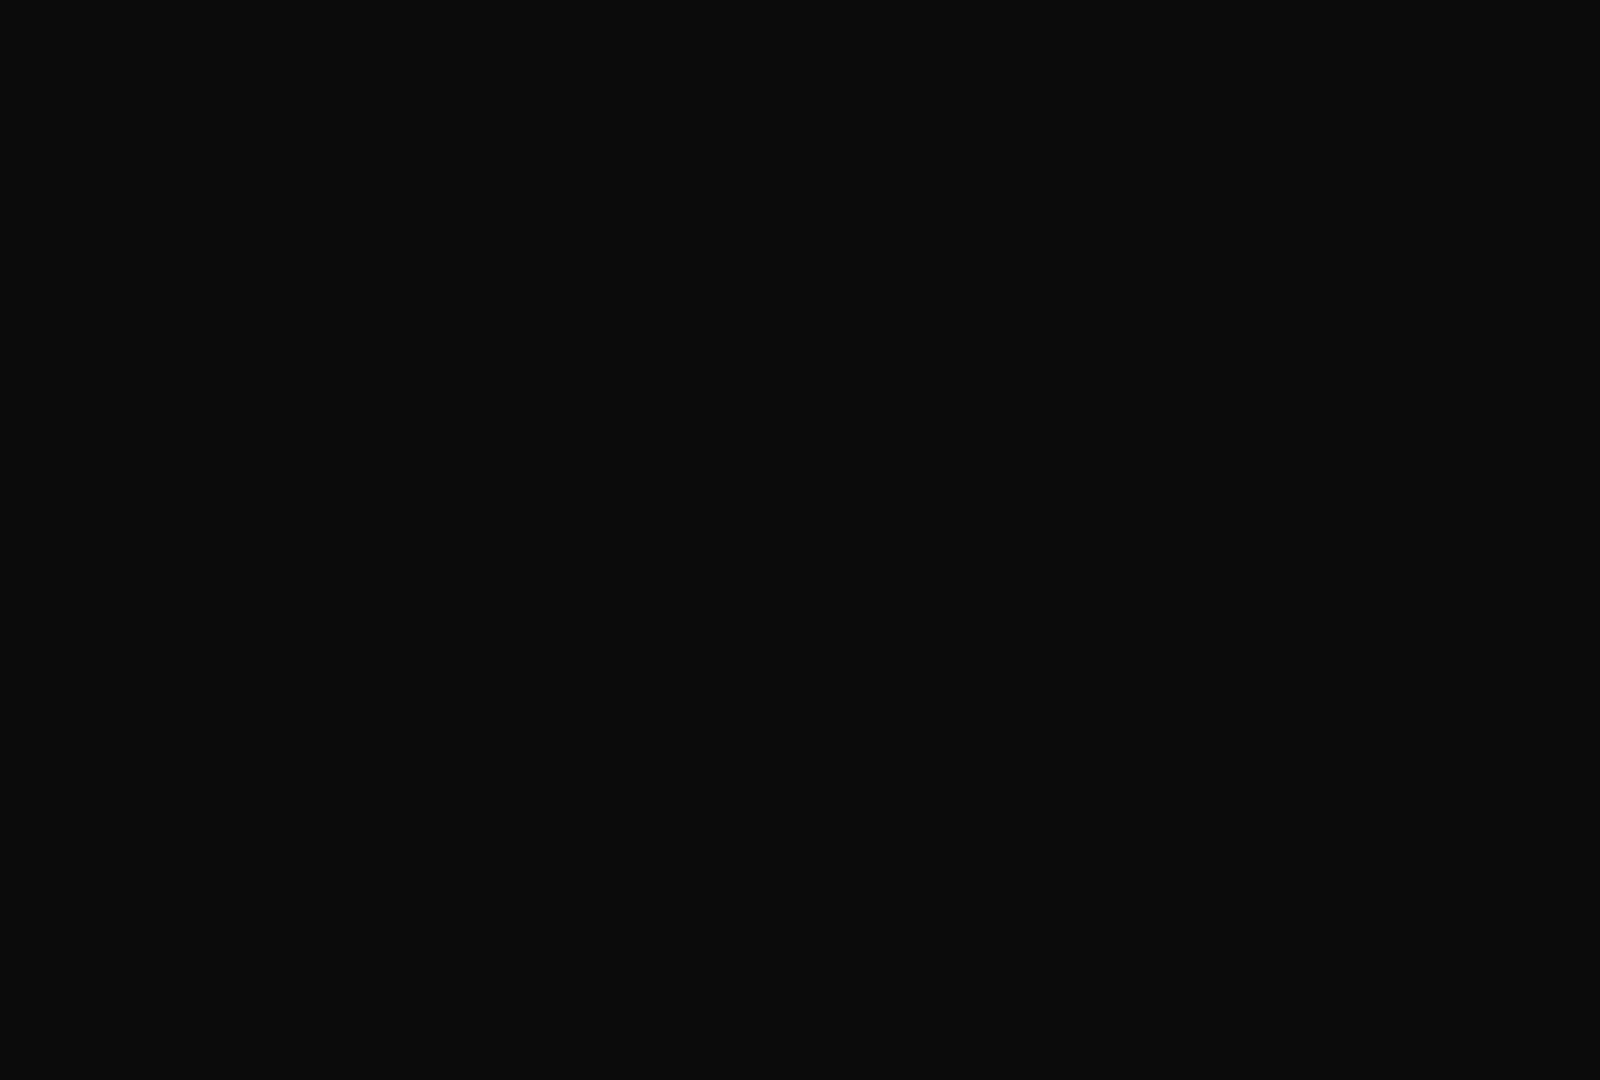 充血監督の深夜の運動会Vol.99 エロティックなOL ヌード画像 87画像 50